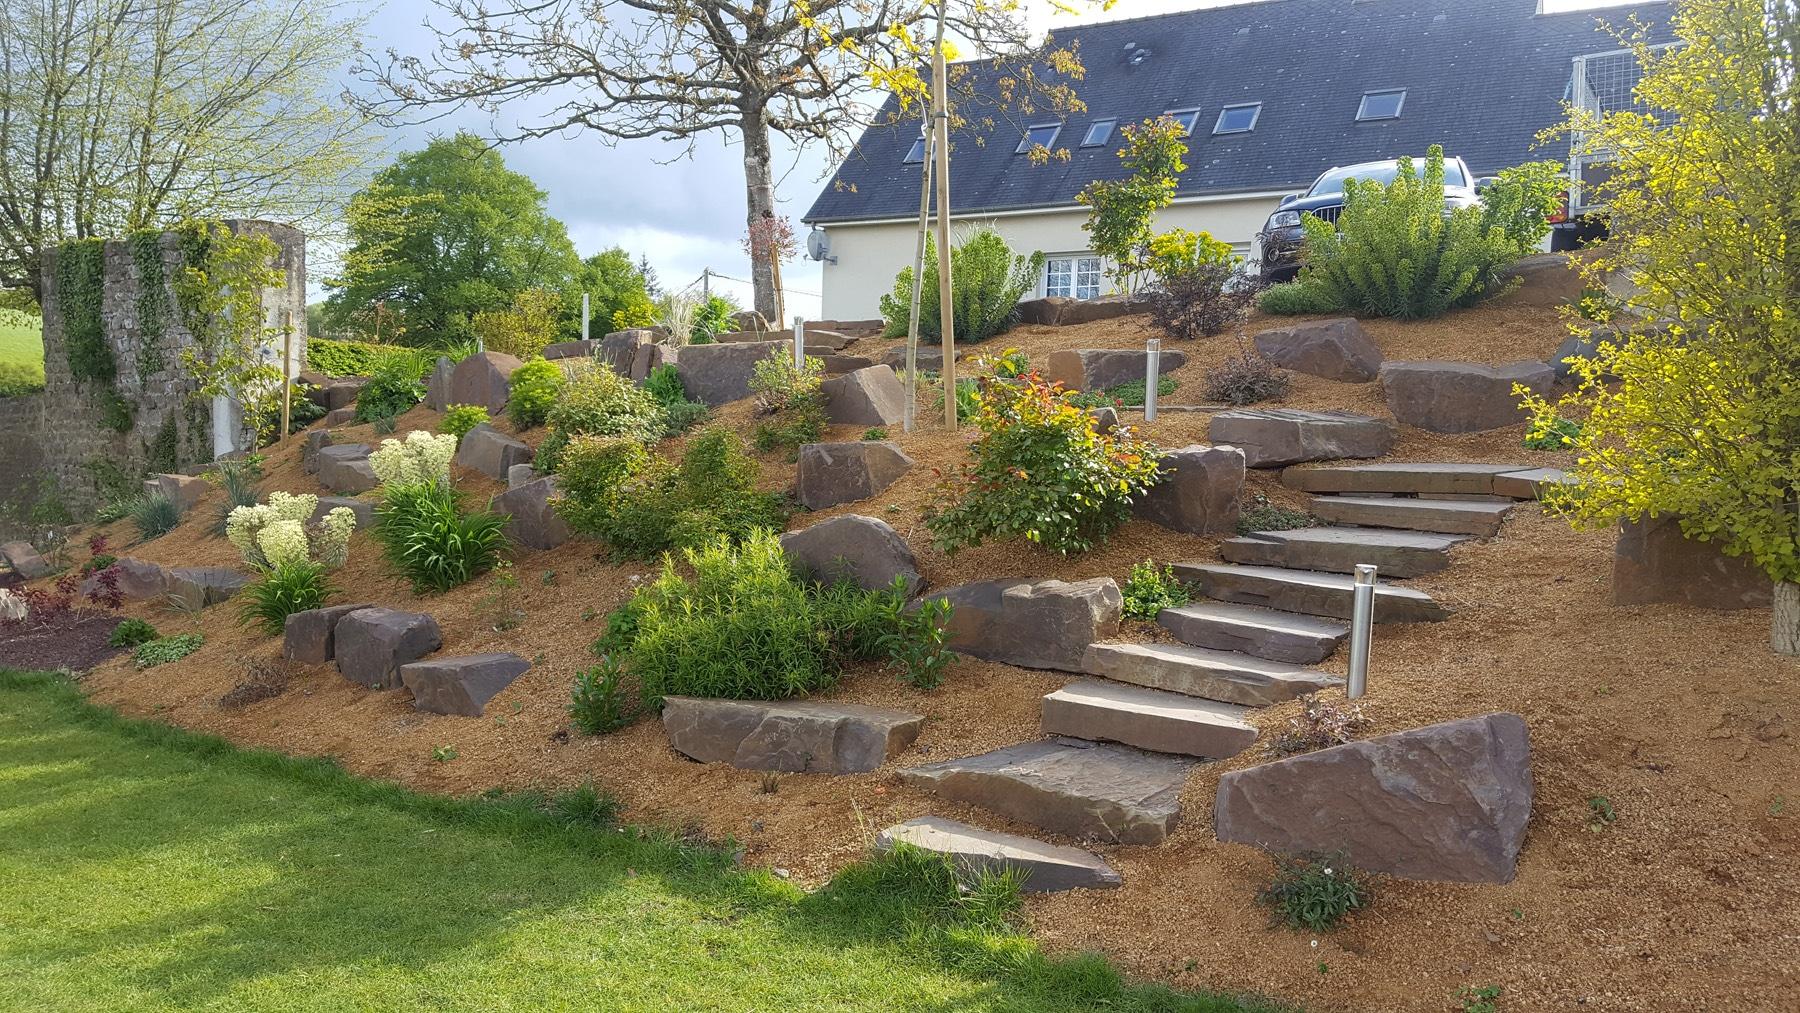 Rocaille De Jardin - Plante De Rocaille | Paysages Conseil à Delimitation Jardin